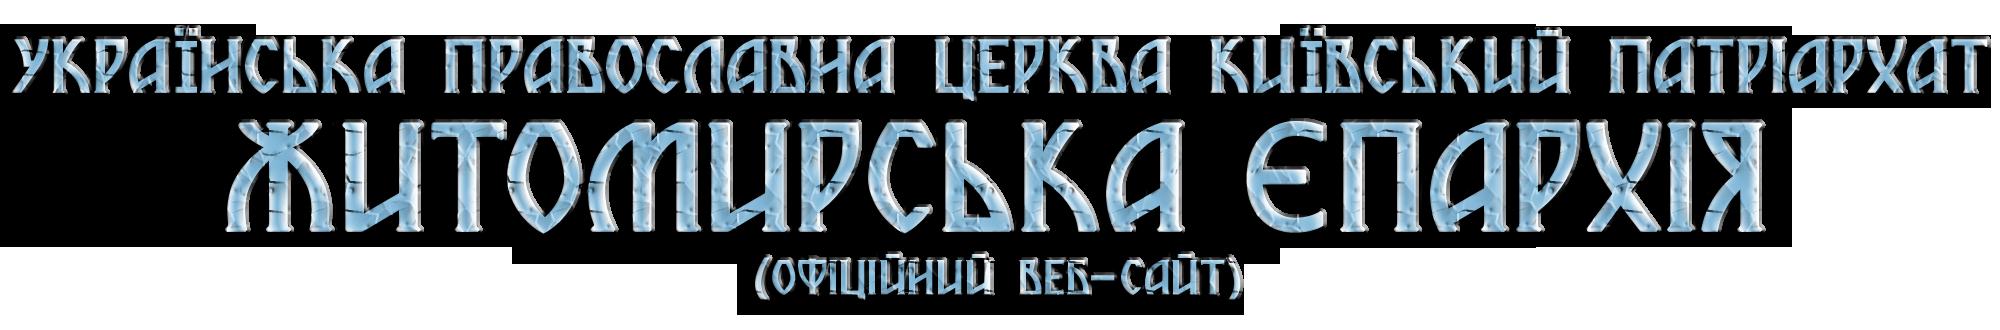 Житомирська Єпархія